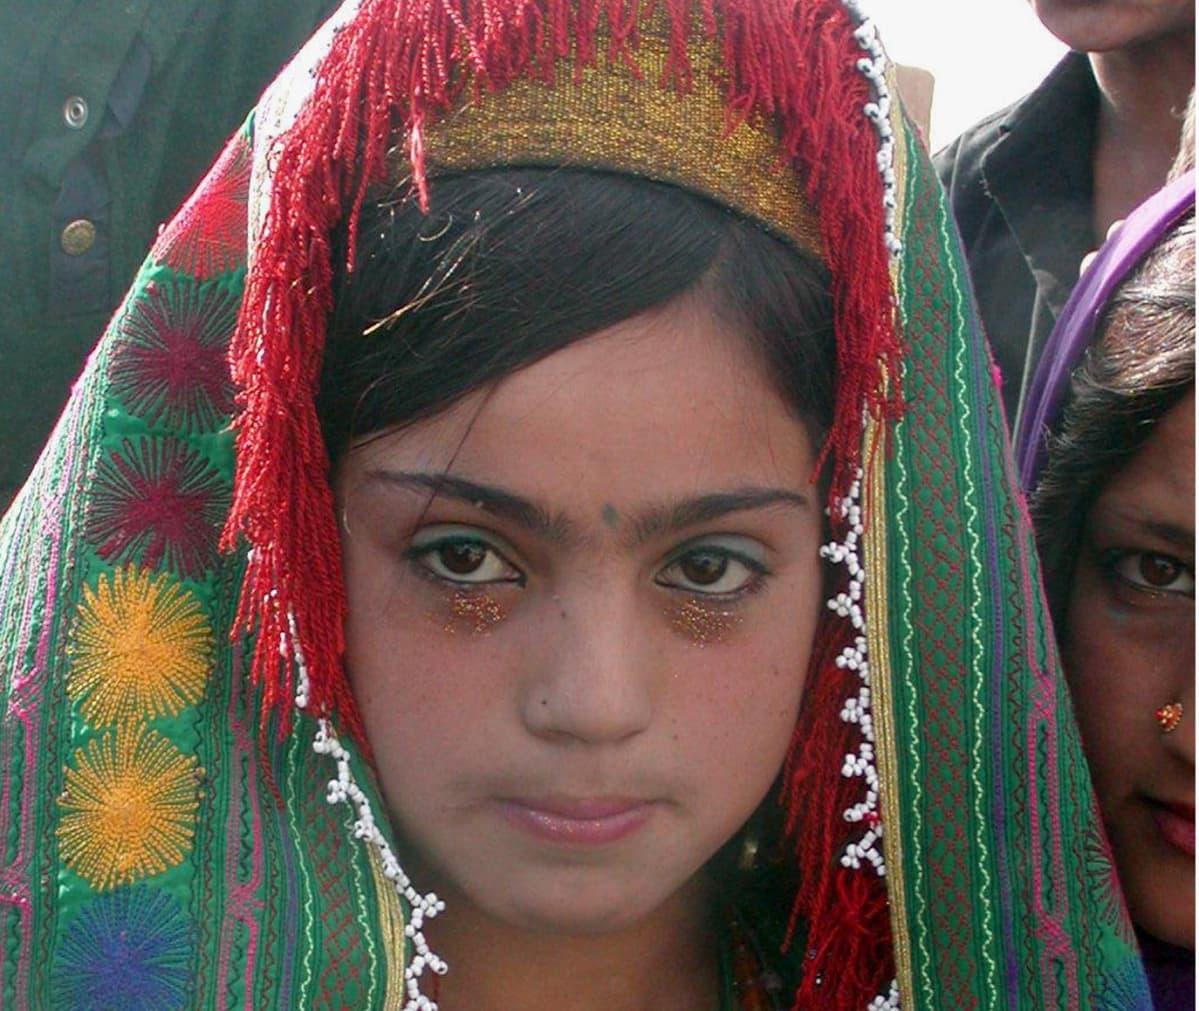 Tyttö painoi pienen pienet kullanruskeat kädet päällekkäin hanalle kasvot syvästi keskittyneinä kuin ennen valtavaa voimainponnistusta.